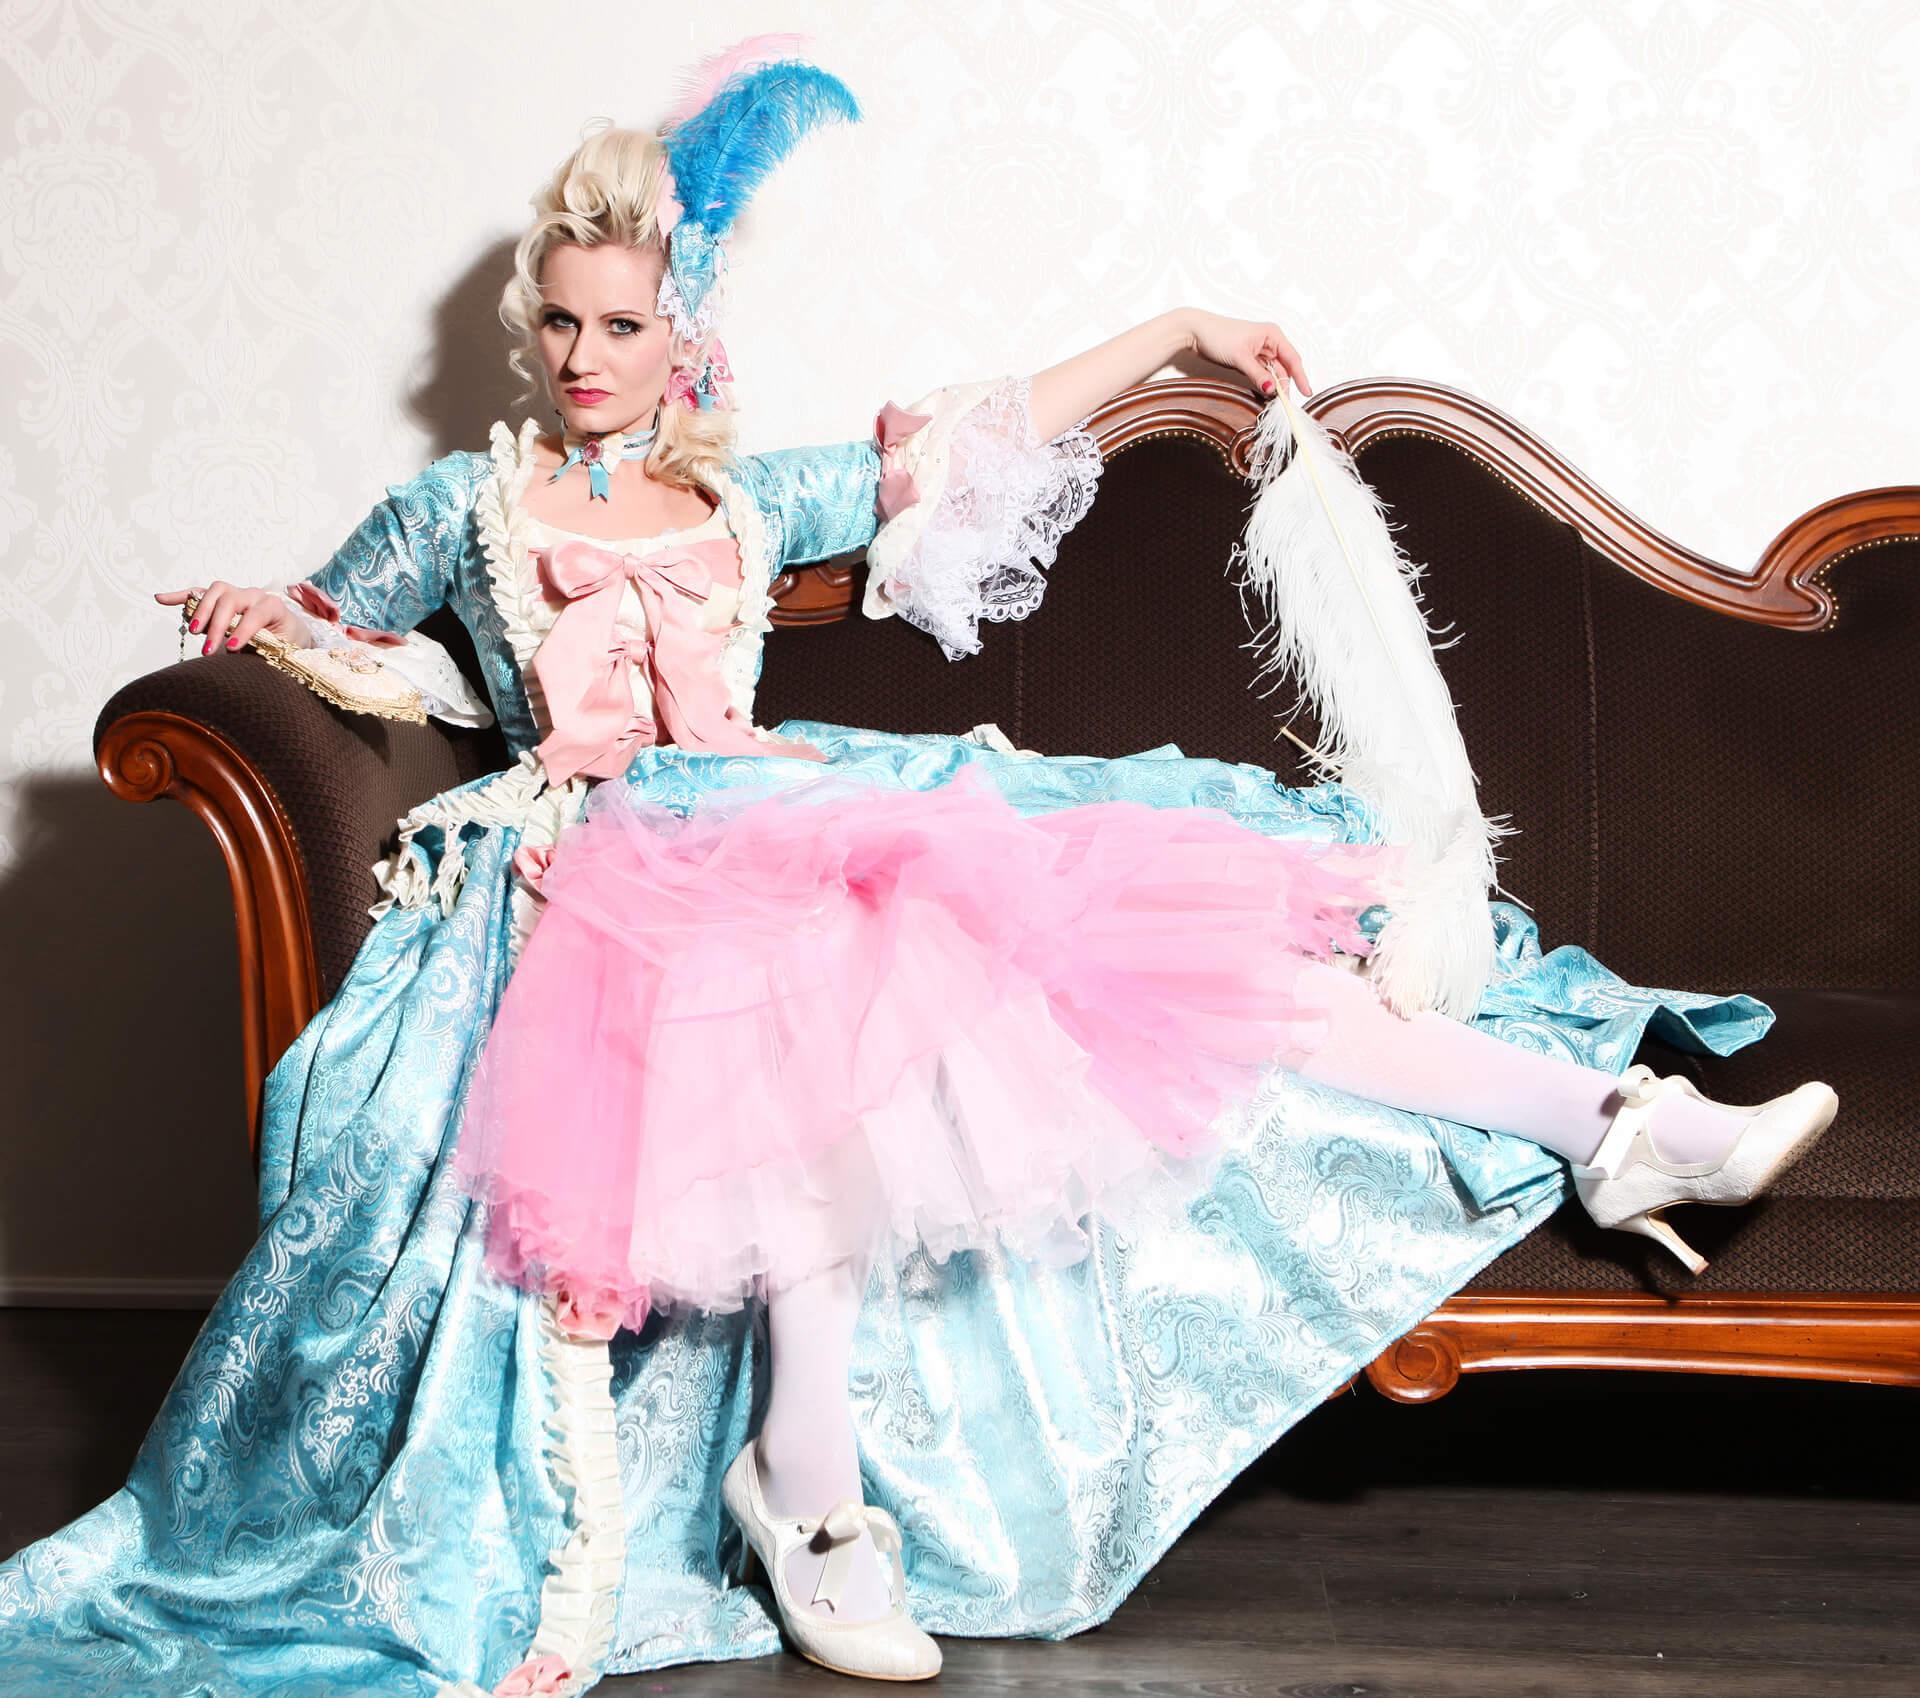 Rose Rainbow Burlesque background image